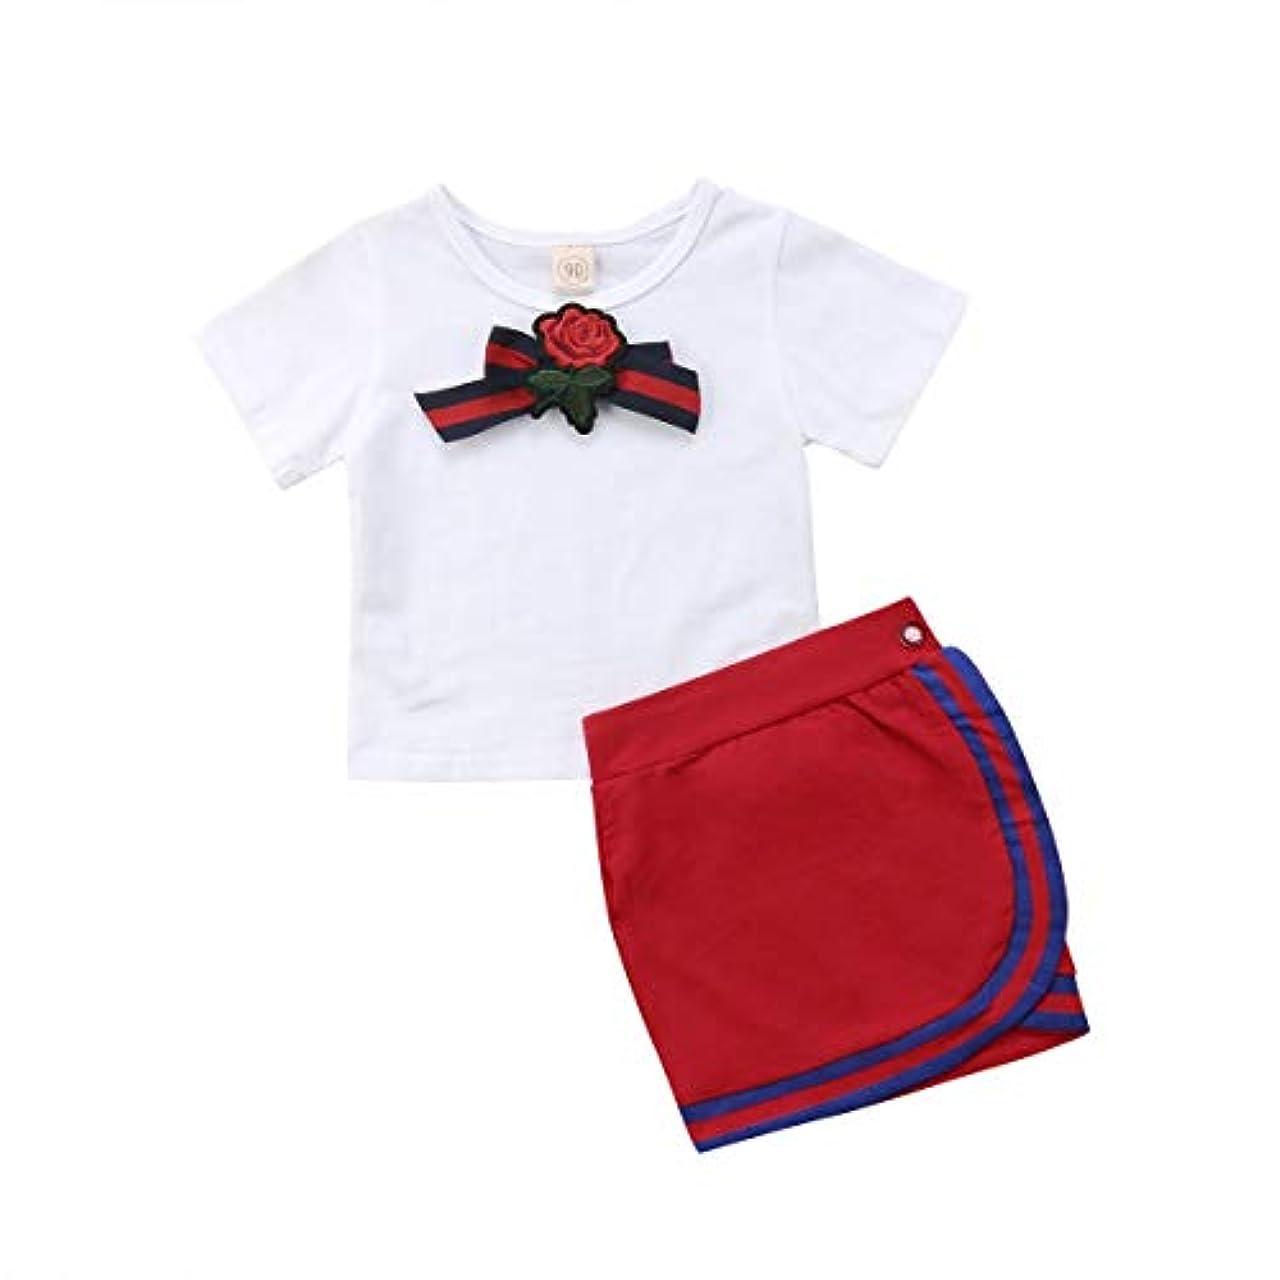 離婚円形の所持Onderroa - 女子制服新生児キッズベビー は蝶の花タイのTシャツショートミニスカートパーティーウェディングチュチュドレストップス設定します。